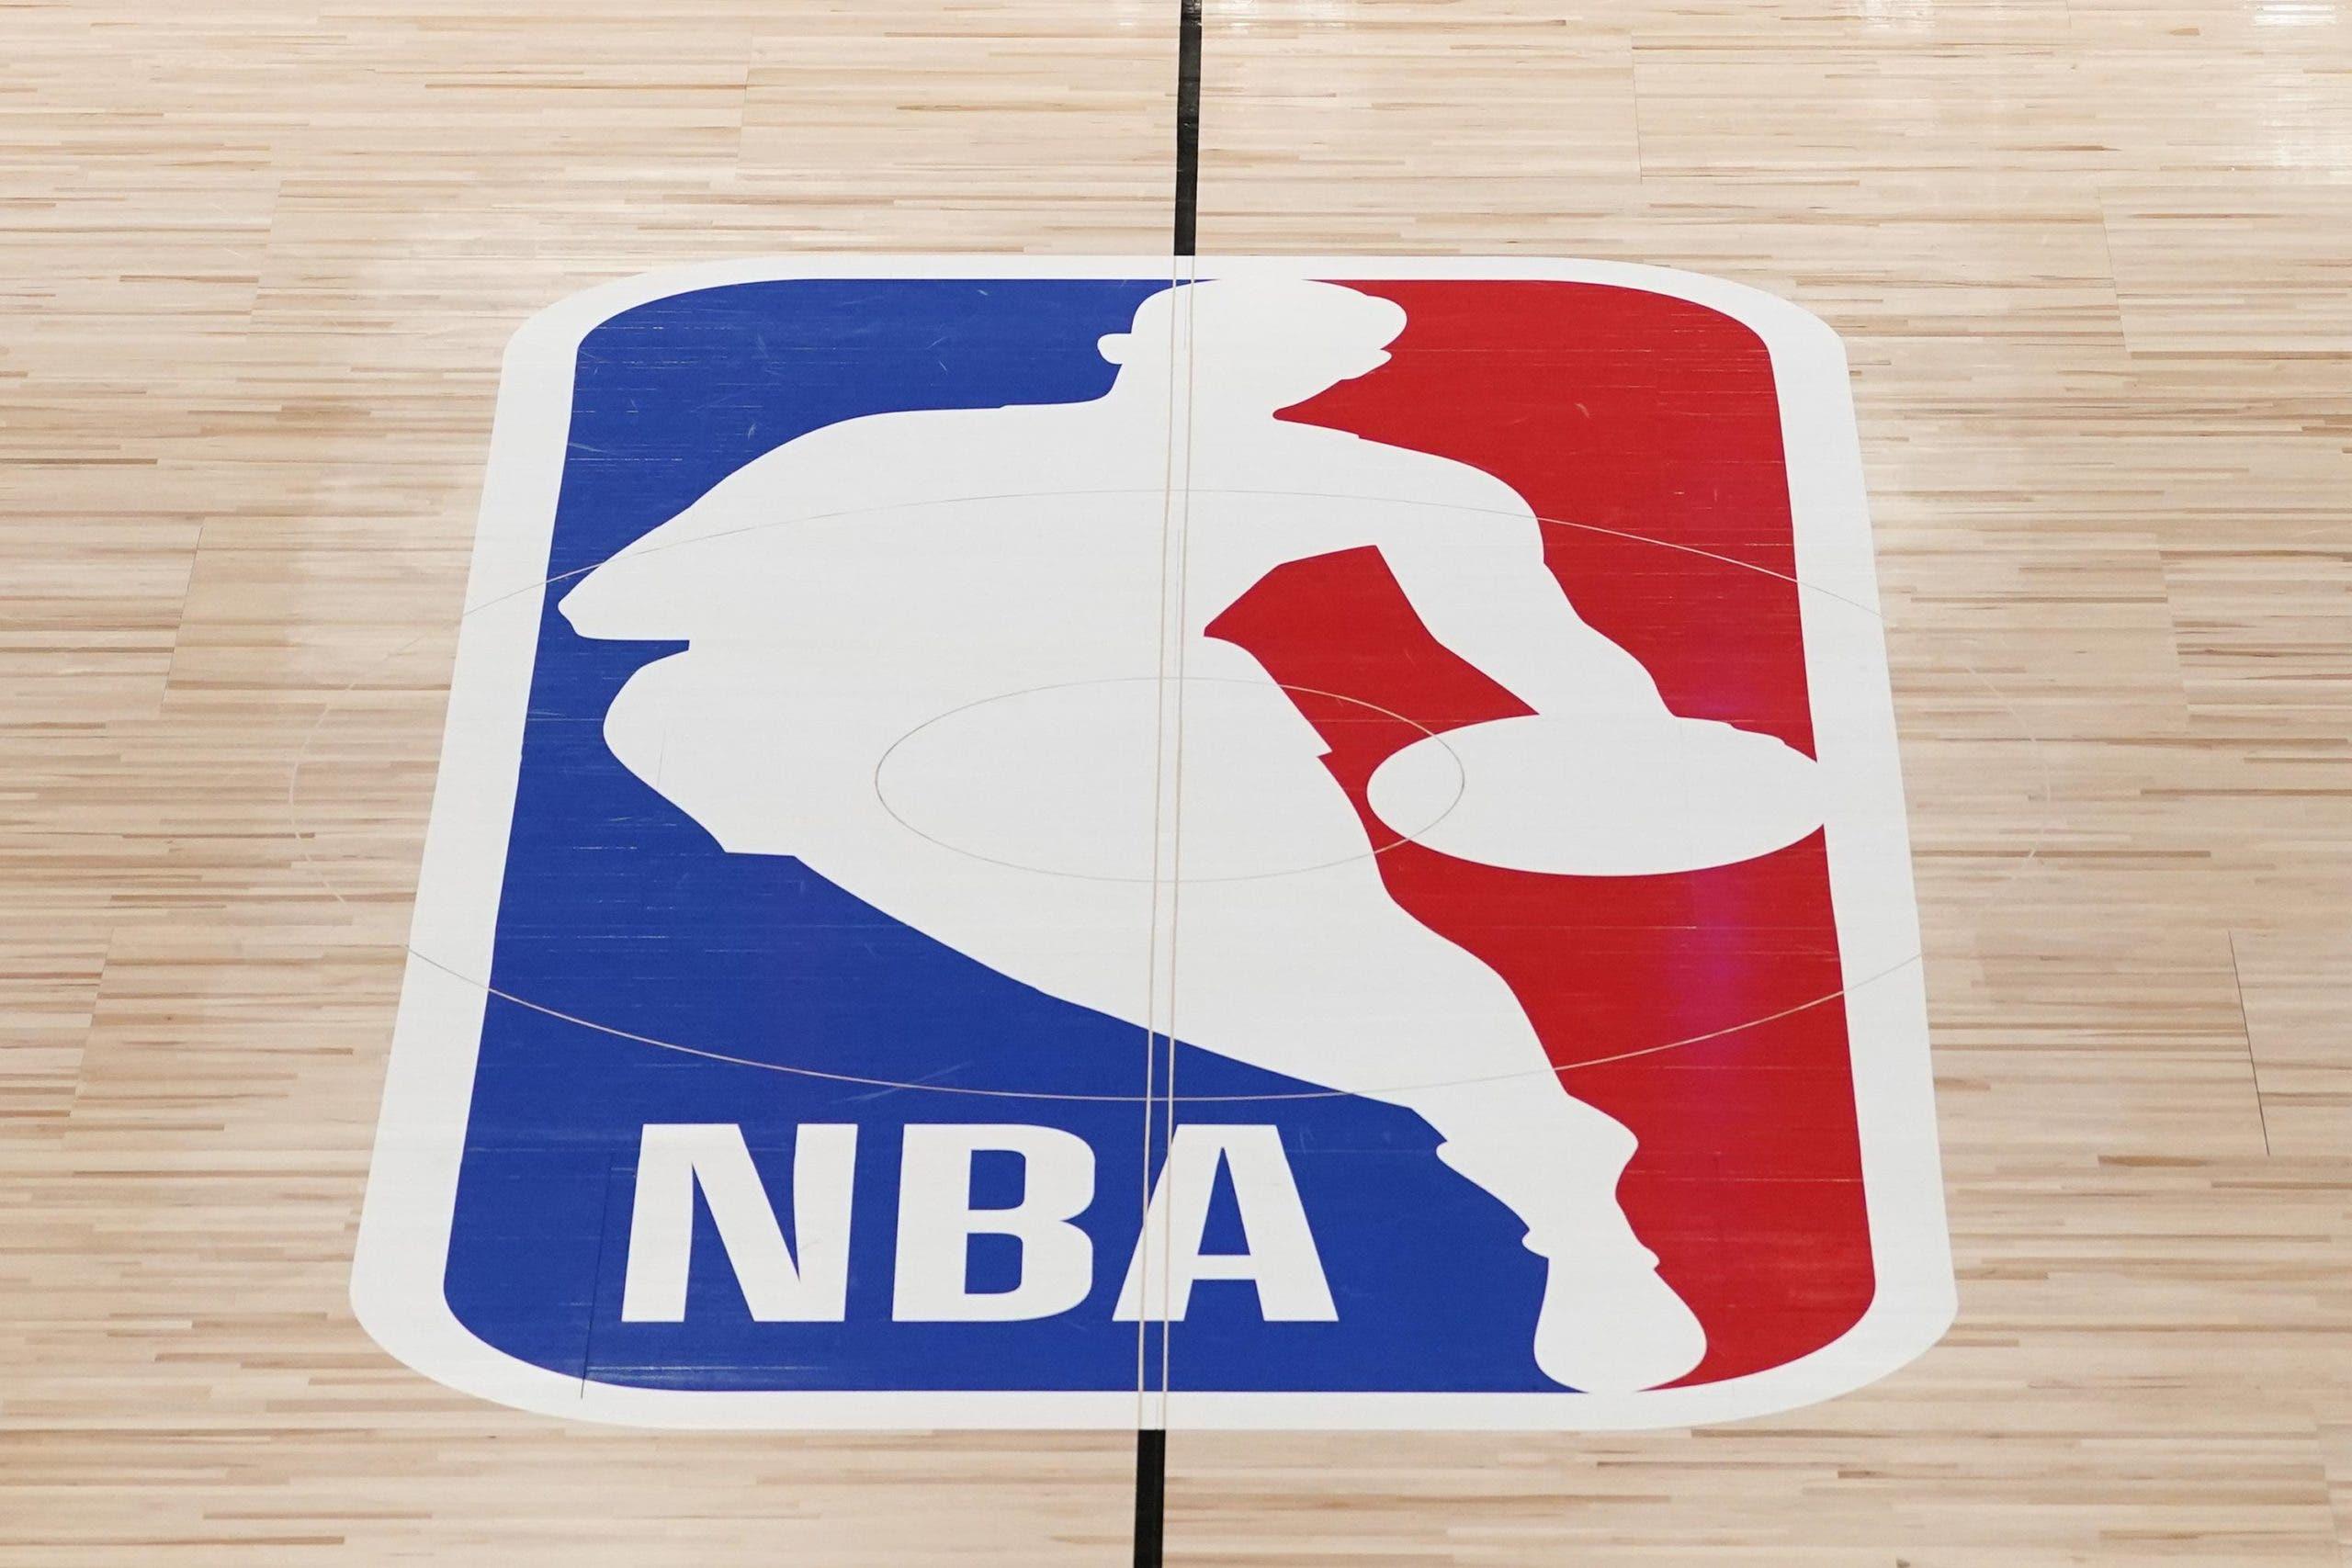 Dieciocho exjugadores NBA son imputados por frade de seguro médico